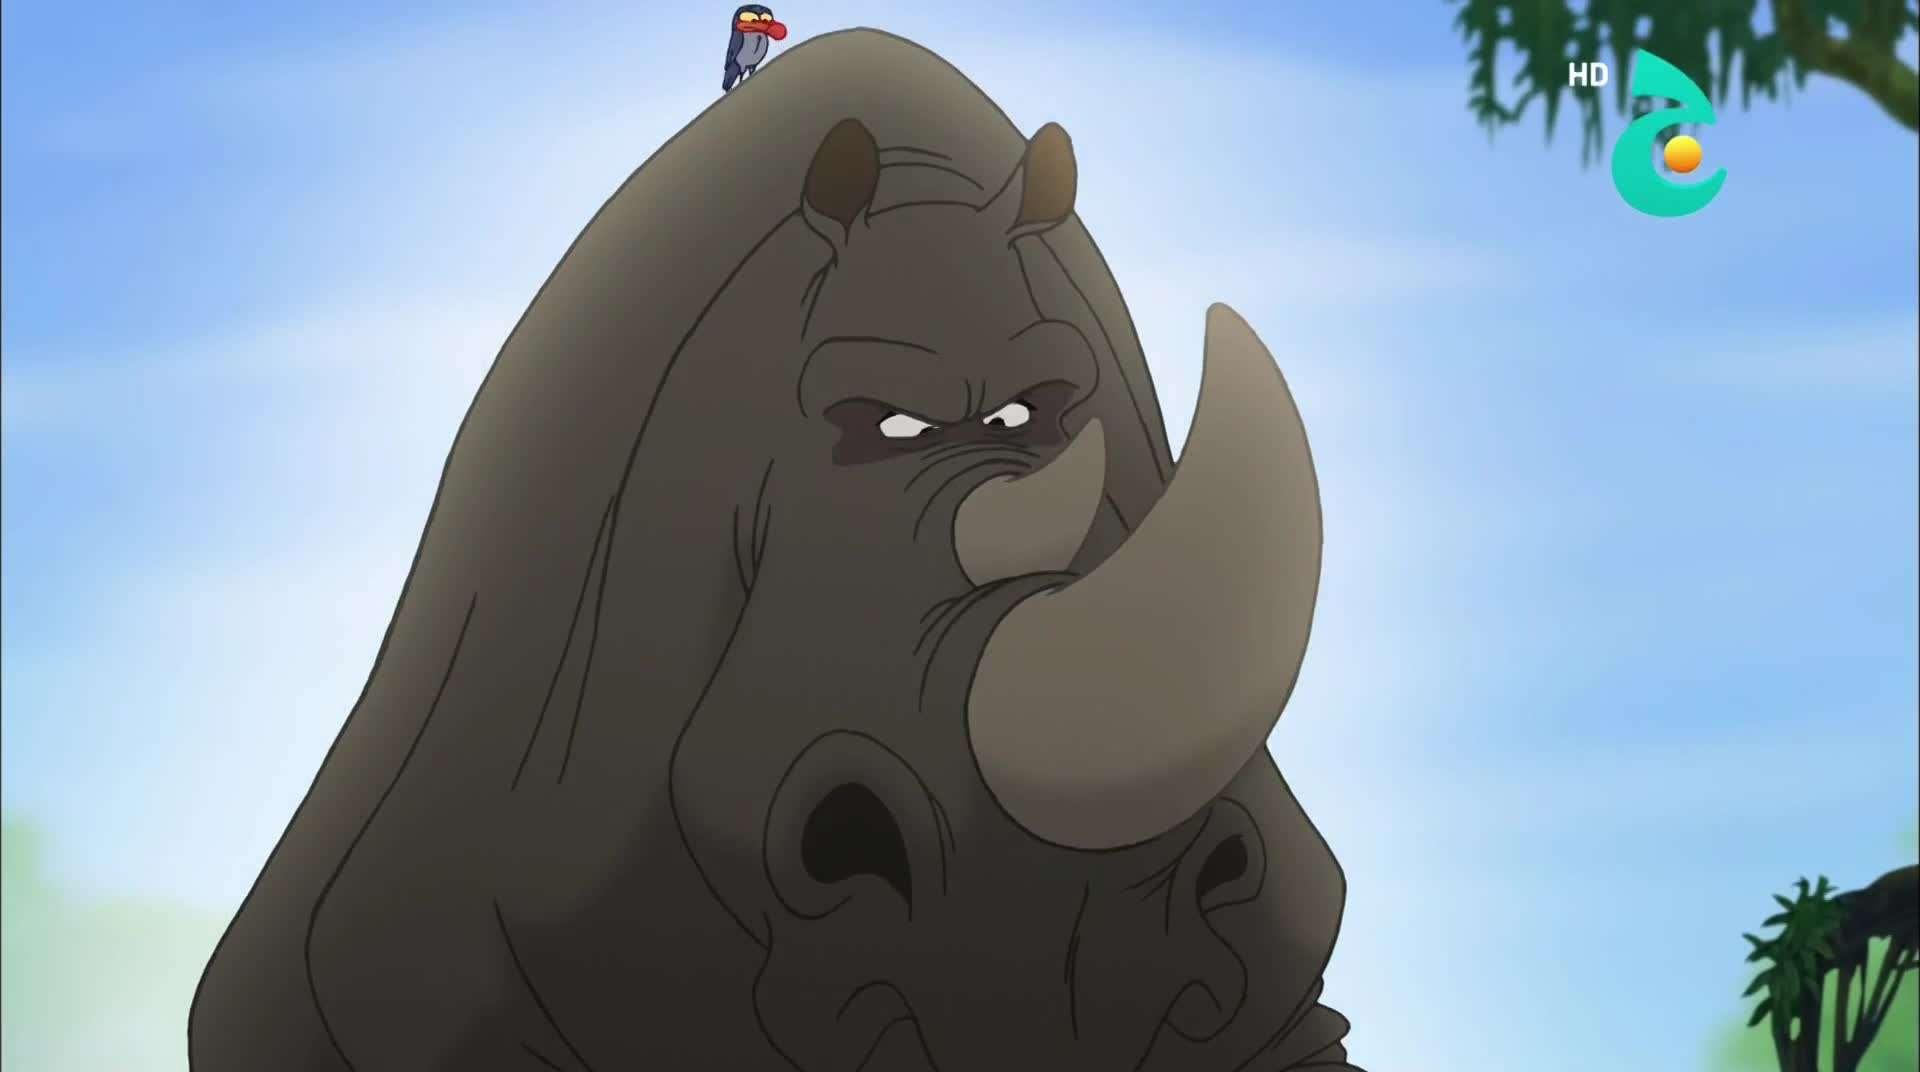 طرزان الجزء الثاني Tarzan II (2005) HDTV 1080p تحميل تورنت 6 arabp2p.com